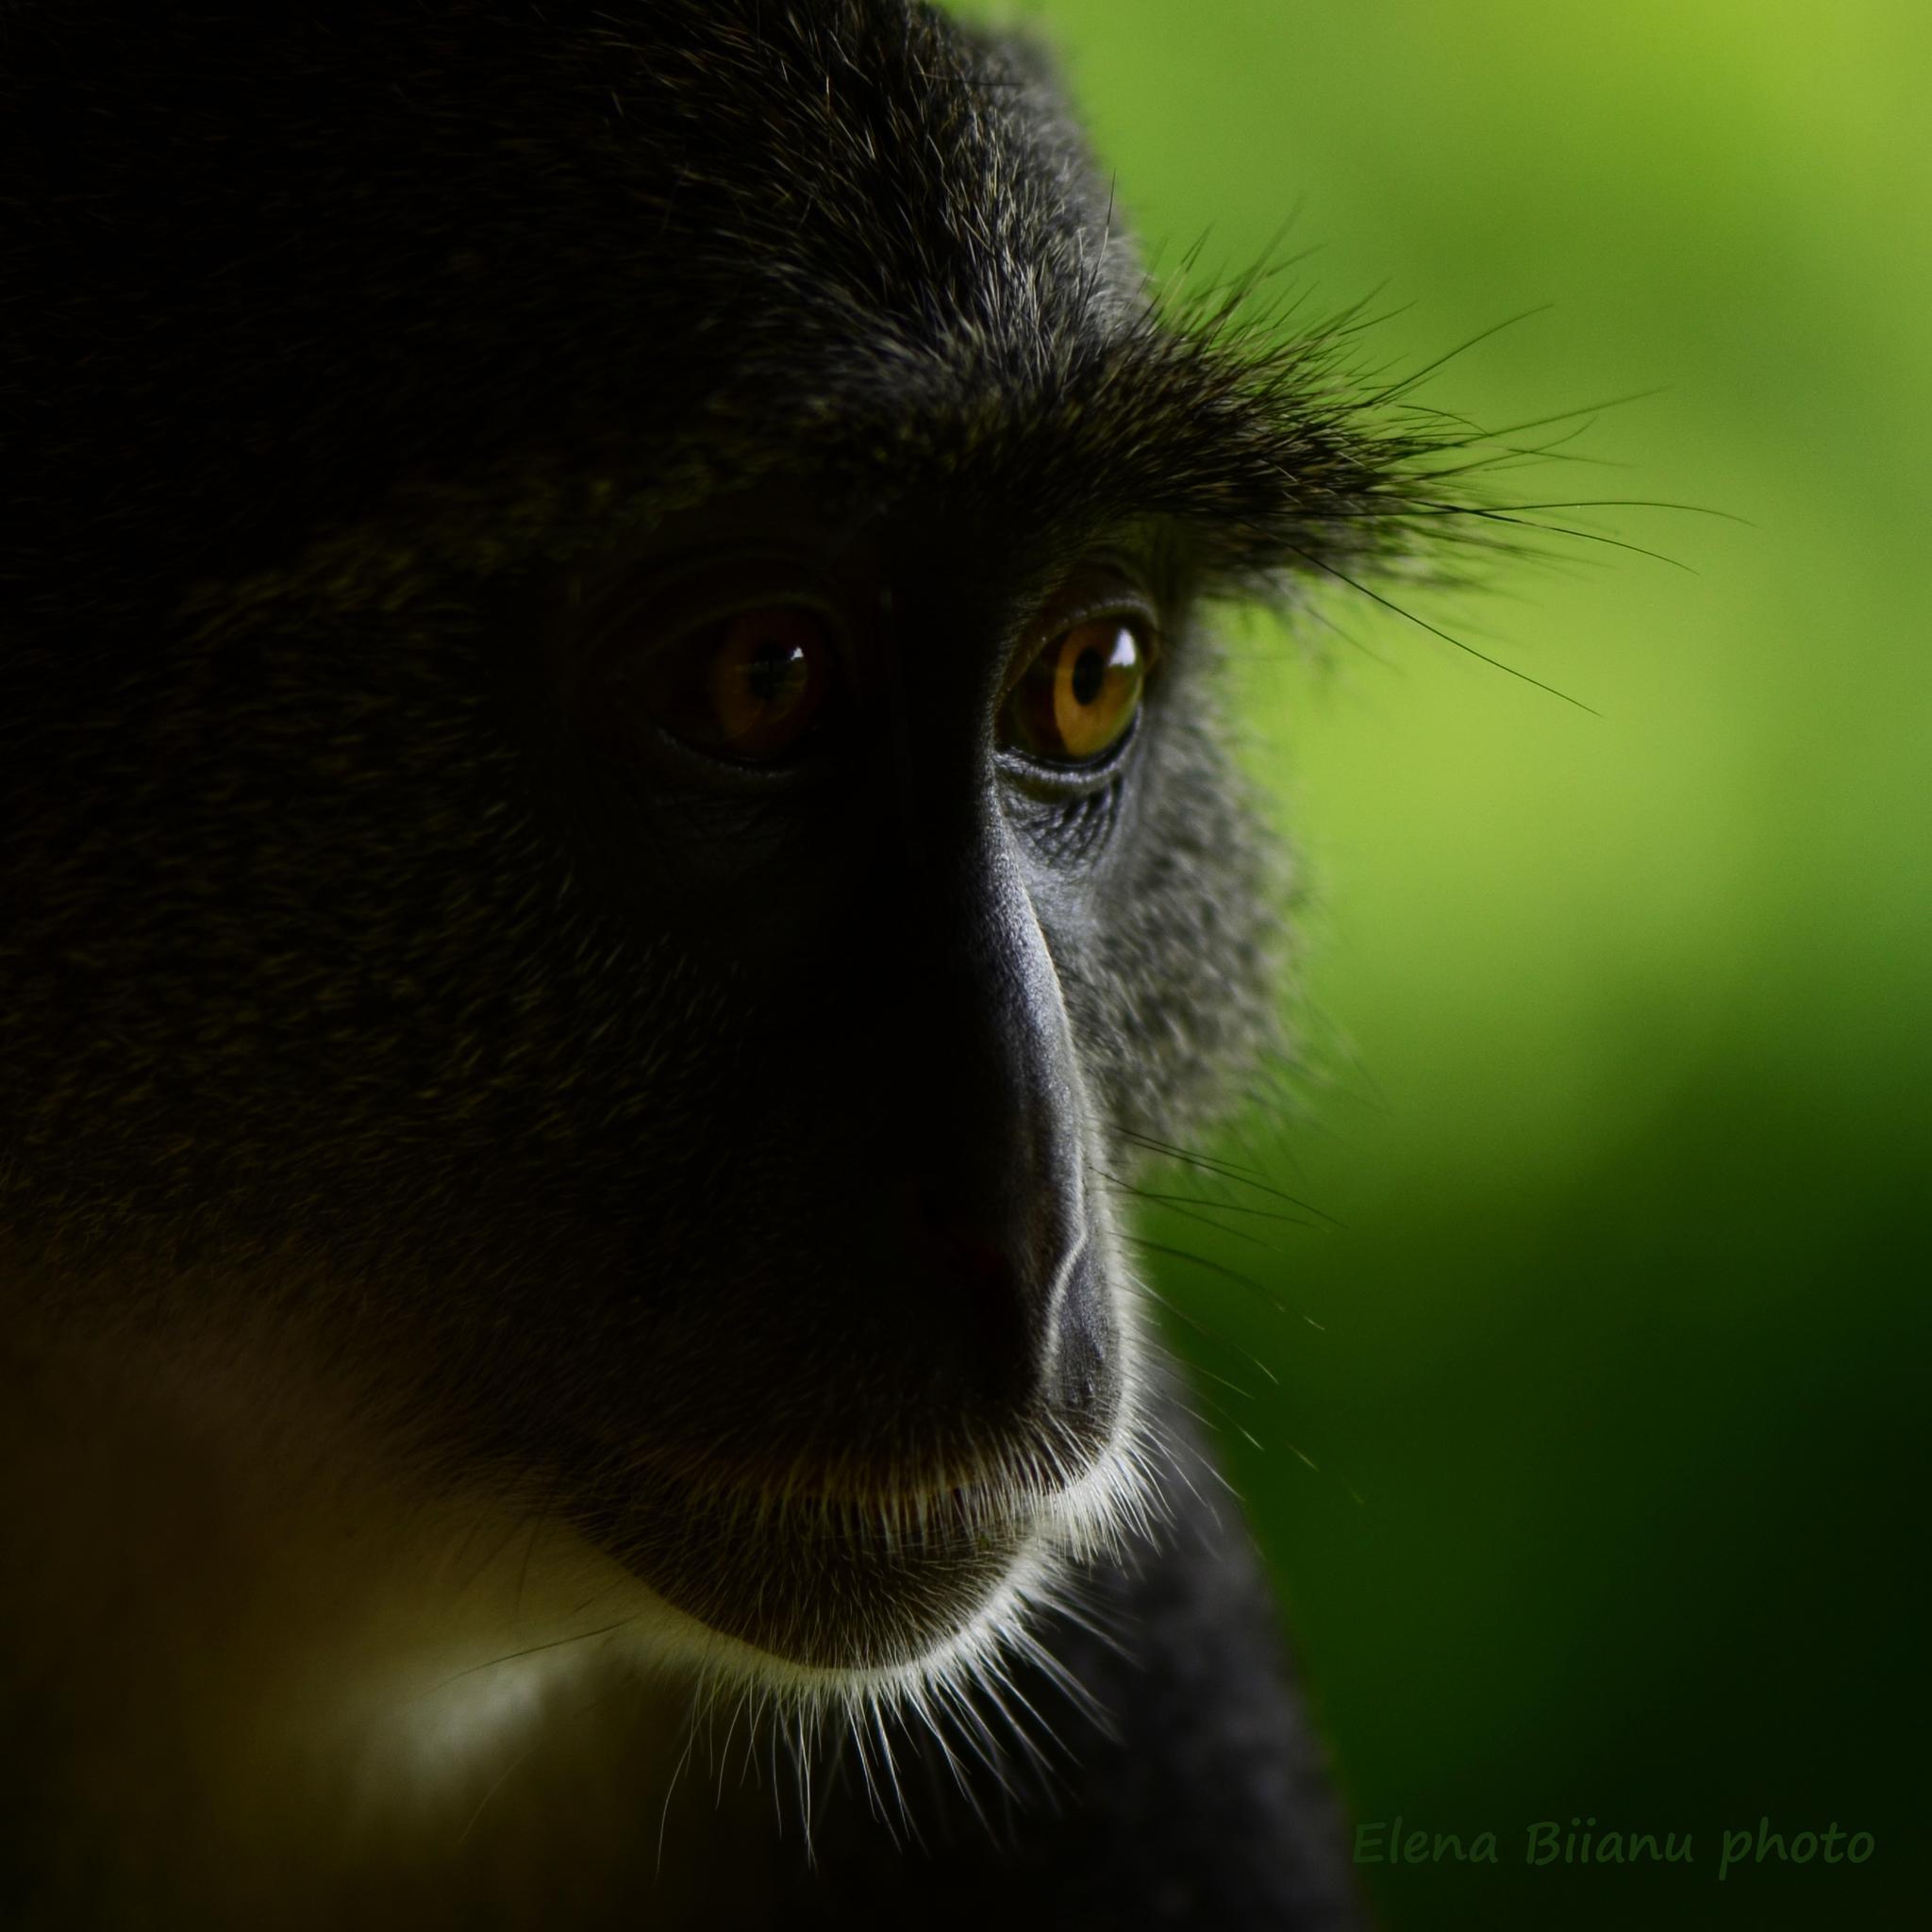 Monkey portrait by elena.biianu